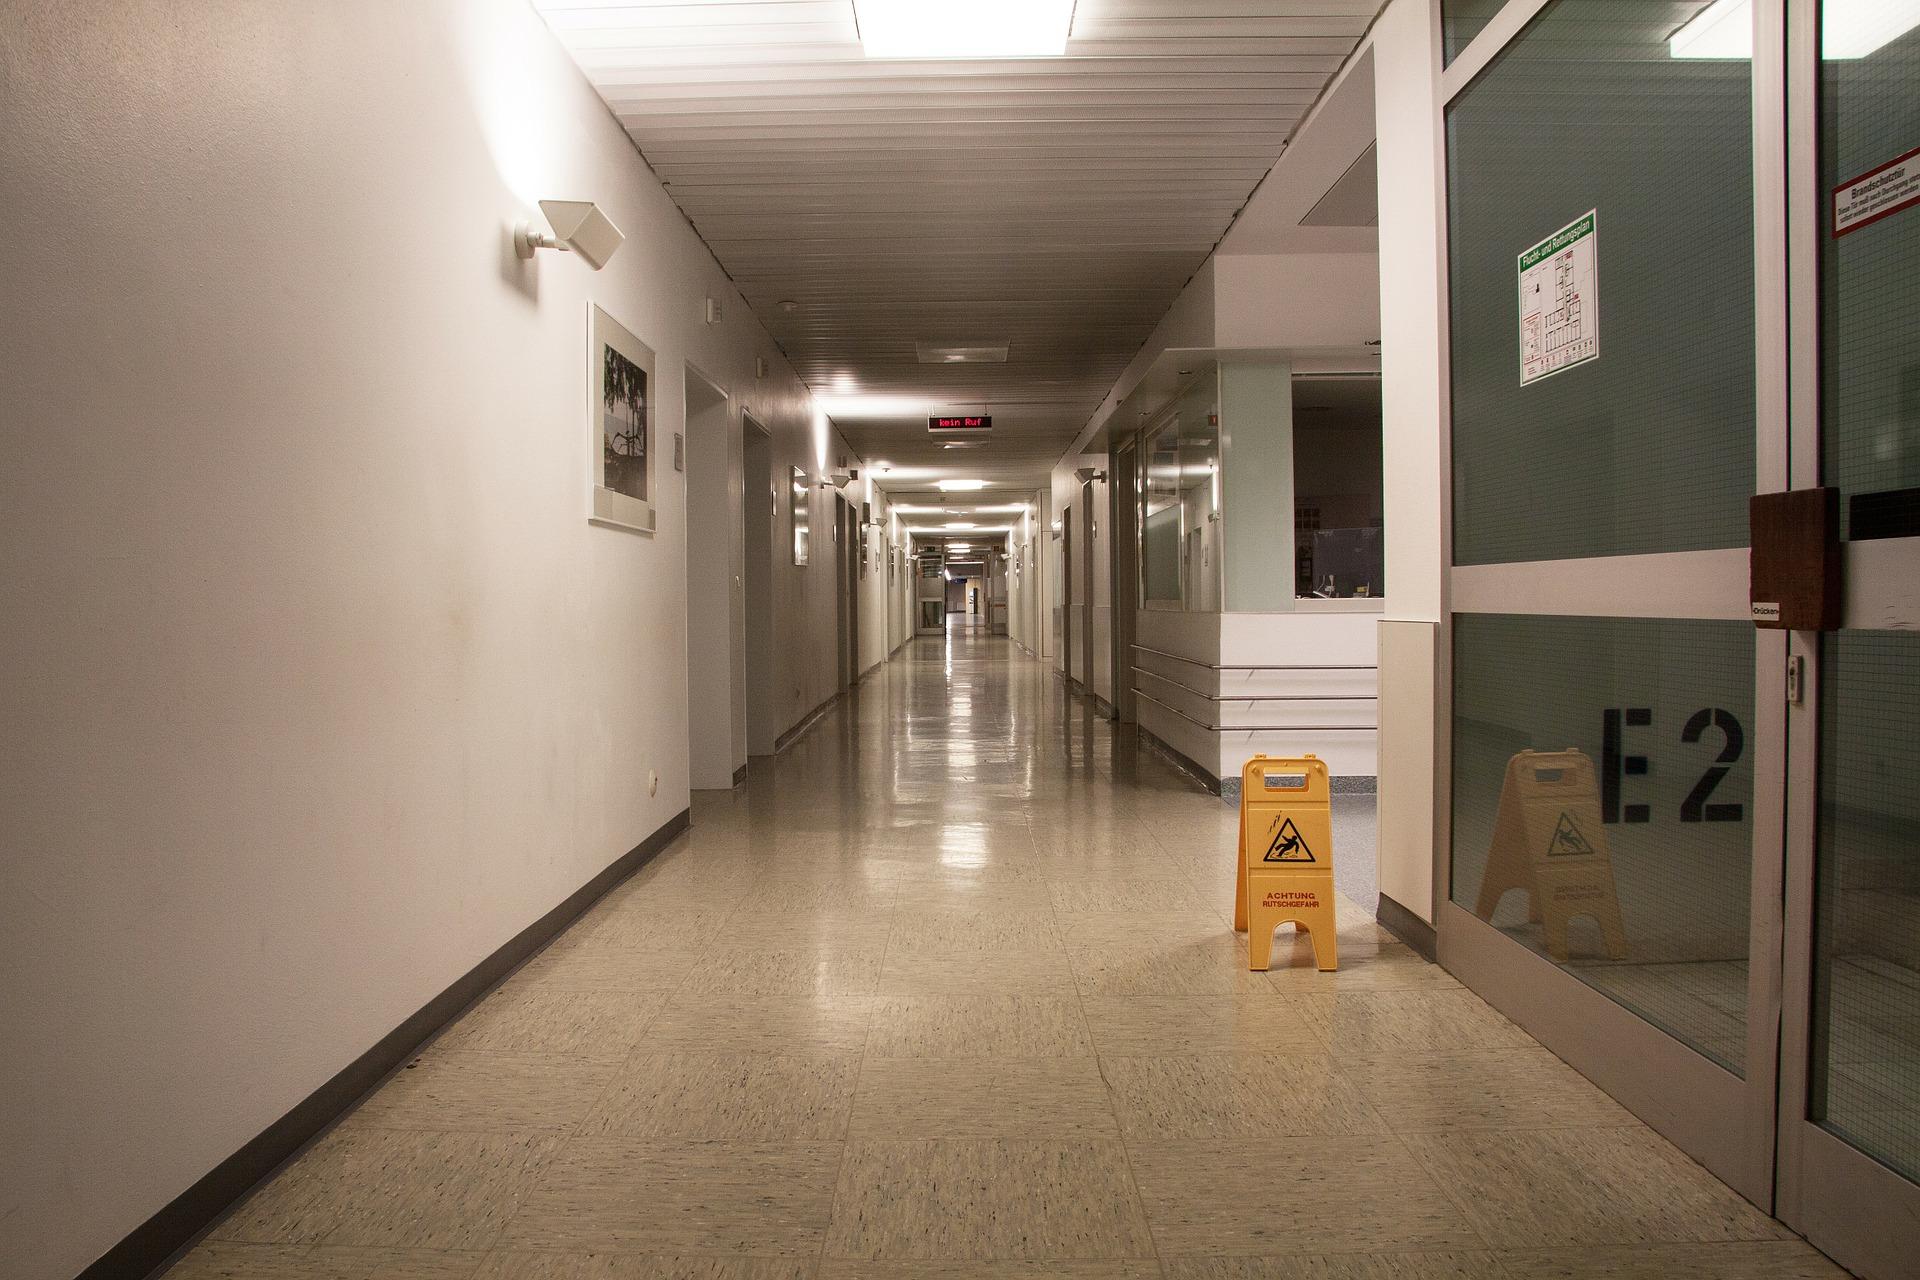 癌症病人離世,問學姐為何半夜還在消毒?護理師見這幕嚇壞:馬上離職-工作甘苦談